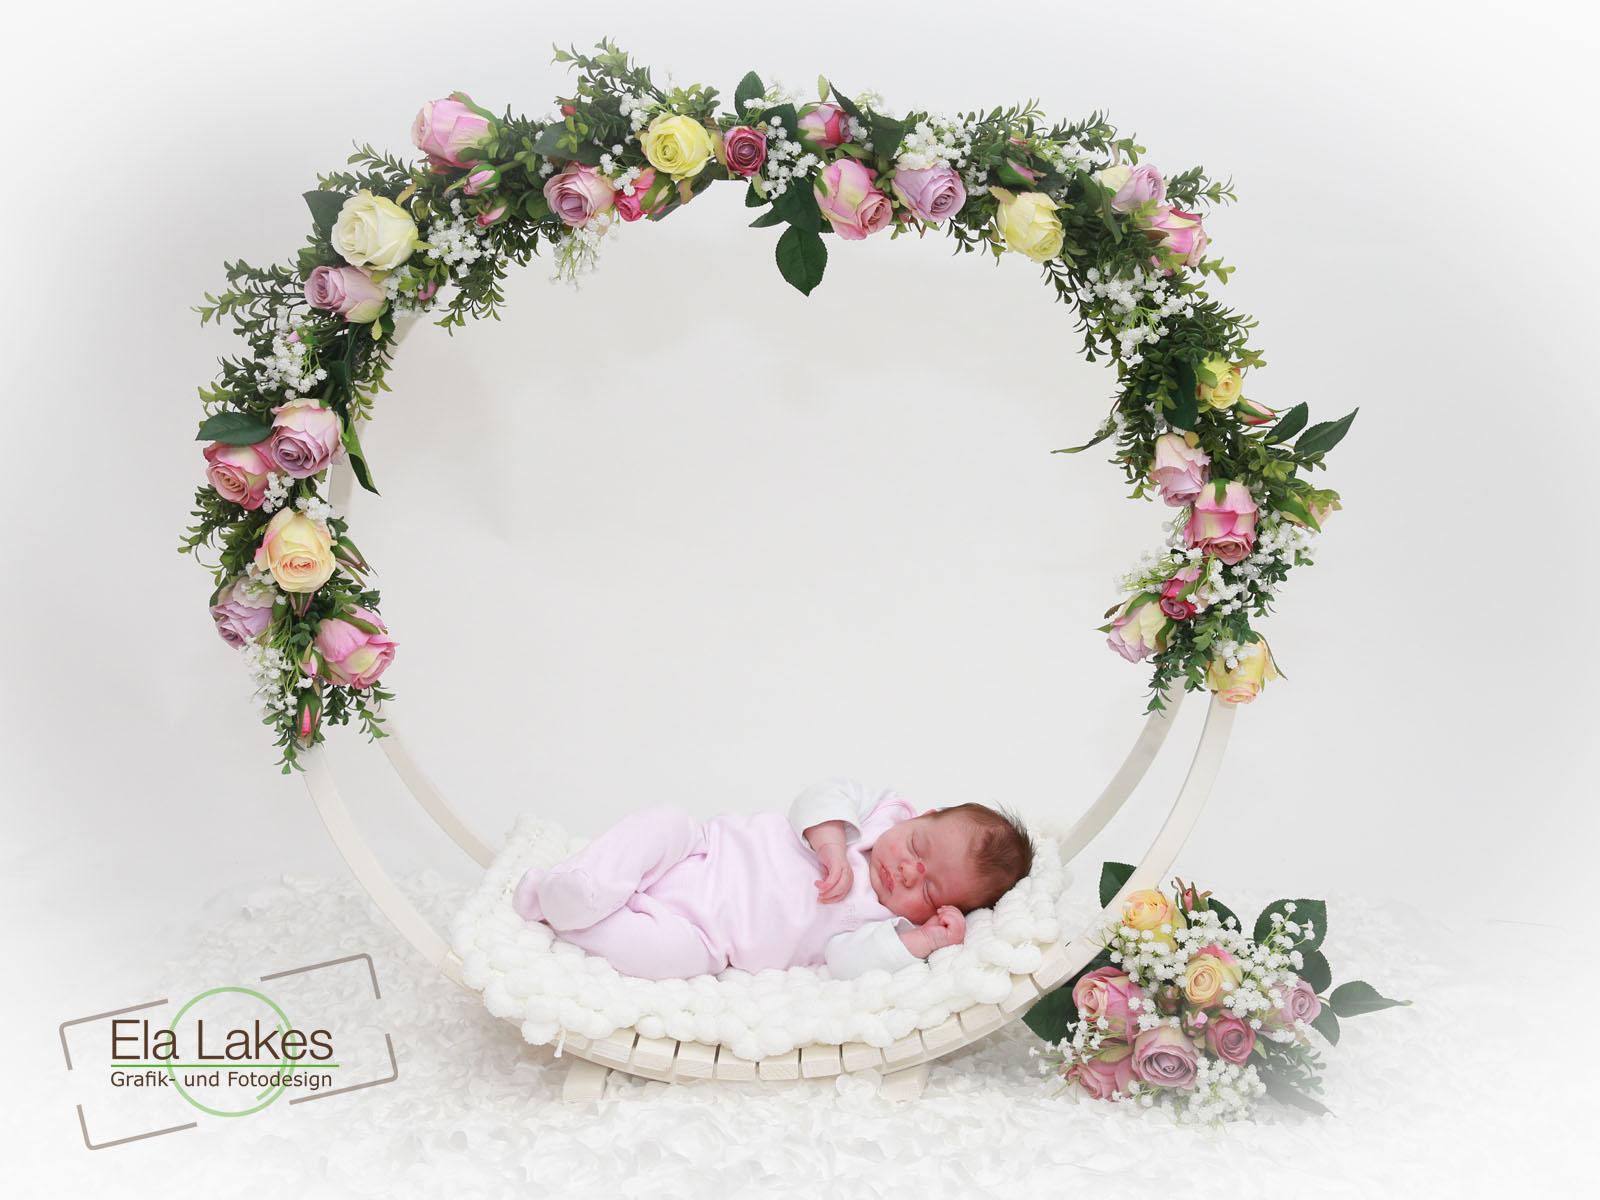 Babyfotografie Karlsruhe - ElaLakes Design -18